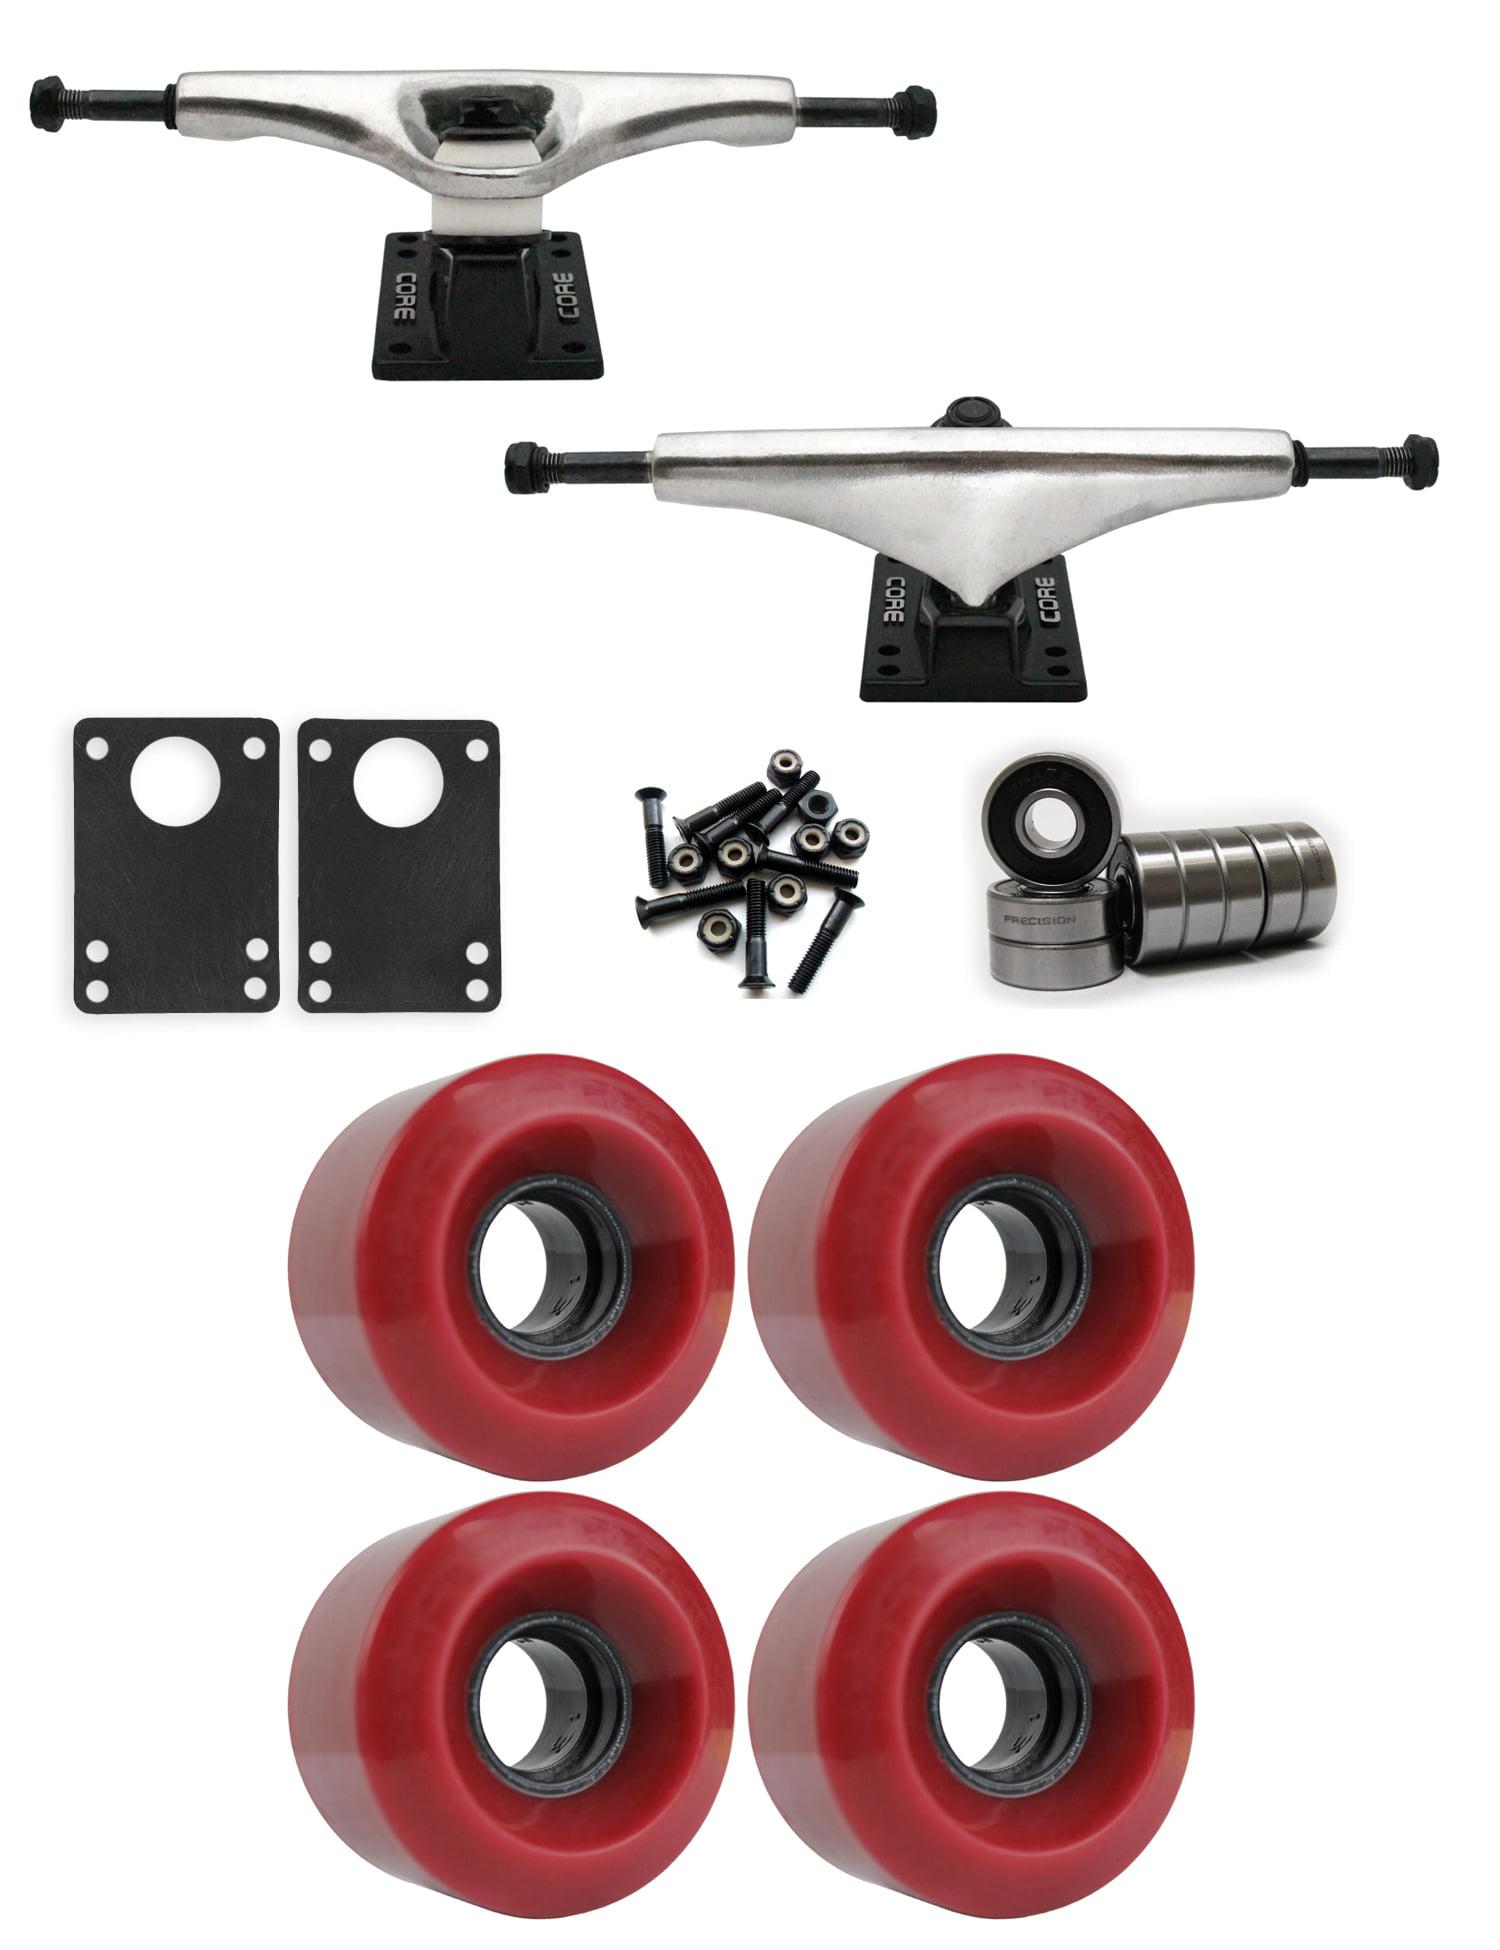 Core 6.0 Longboard Trucks Wheels Package 70mm x 46mm 83A 2602C Purple clear